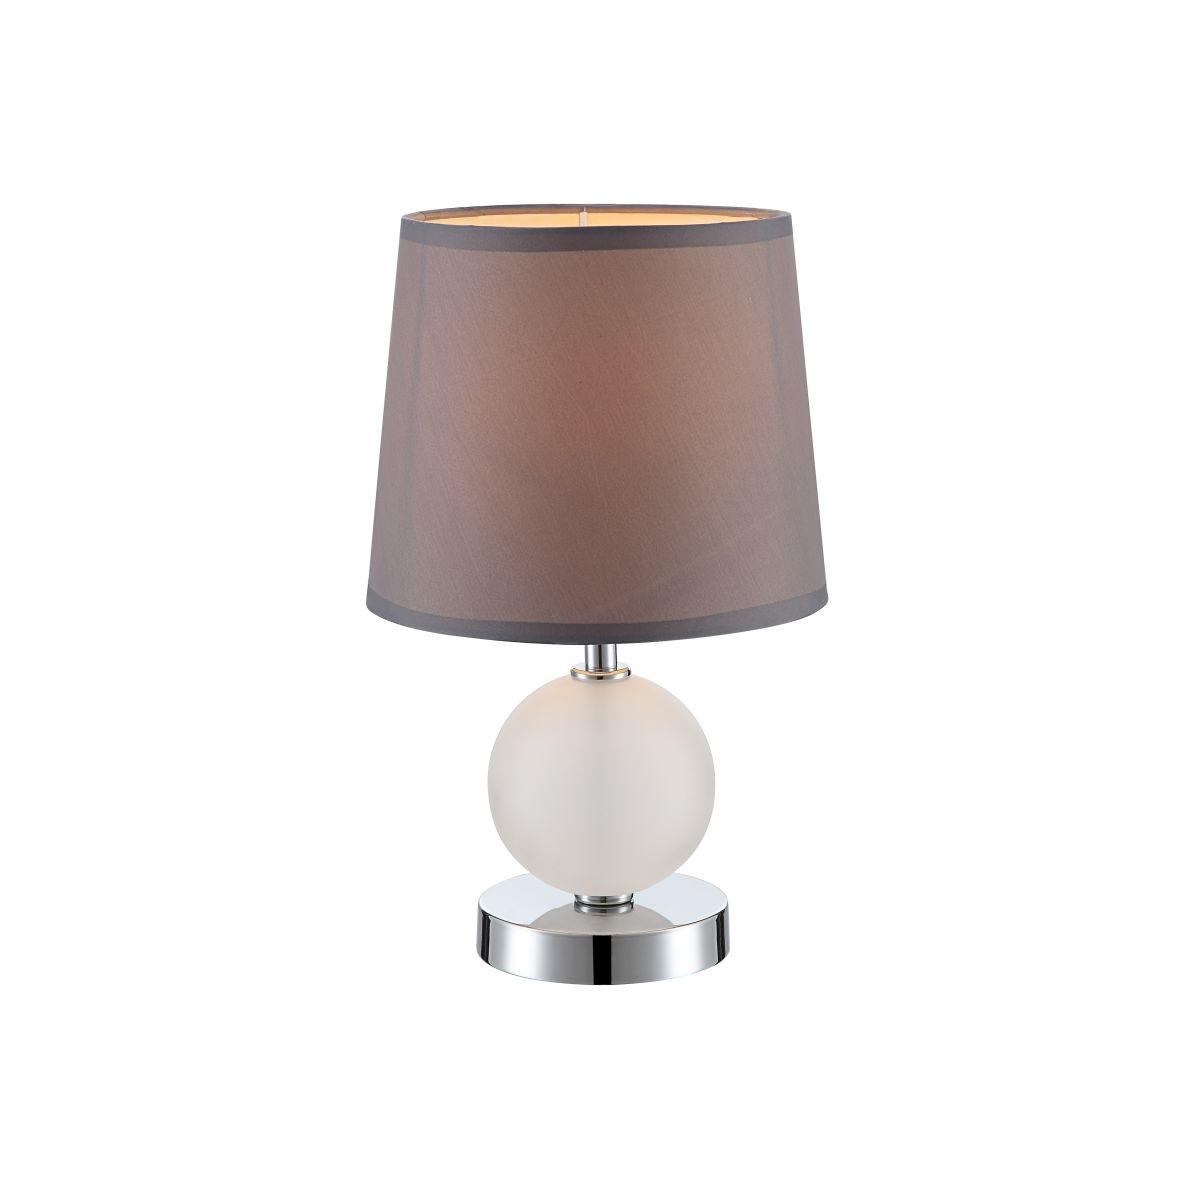 Настольная лампаДекоративные лампы<br>&amp;lt;div&amp;gt;Вид цоколя: E14&amp;lt;/div&amp;gt;&amp;lt;div&amp;gt;Мощность: 40W&amp;lt;/div&amp;gt;&amp;lt;div&amp;gt;Количество ламп: 1&amp;lt;/div&amp;gt;<br><br>Material: Металл<br>Height см: 30<br>Diameter см: 18